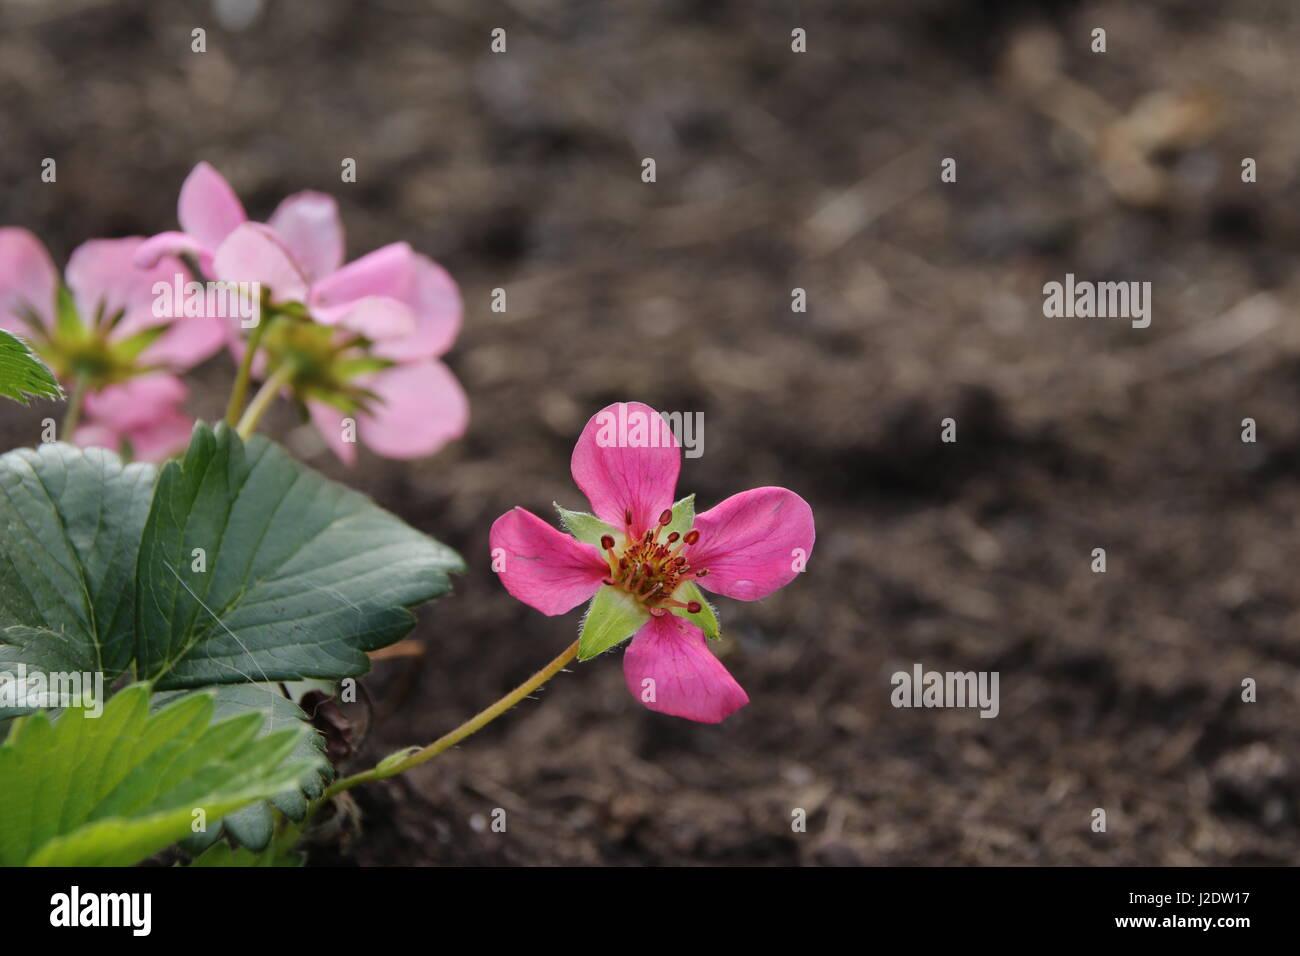 Erdbeerblüte - Stock Image